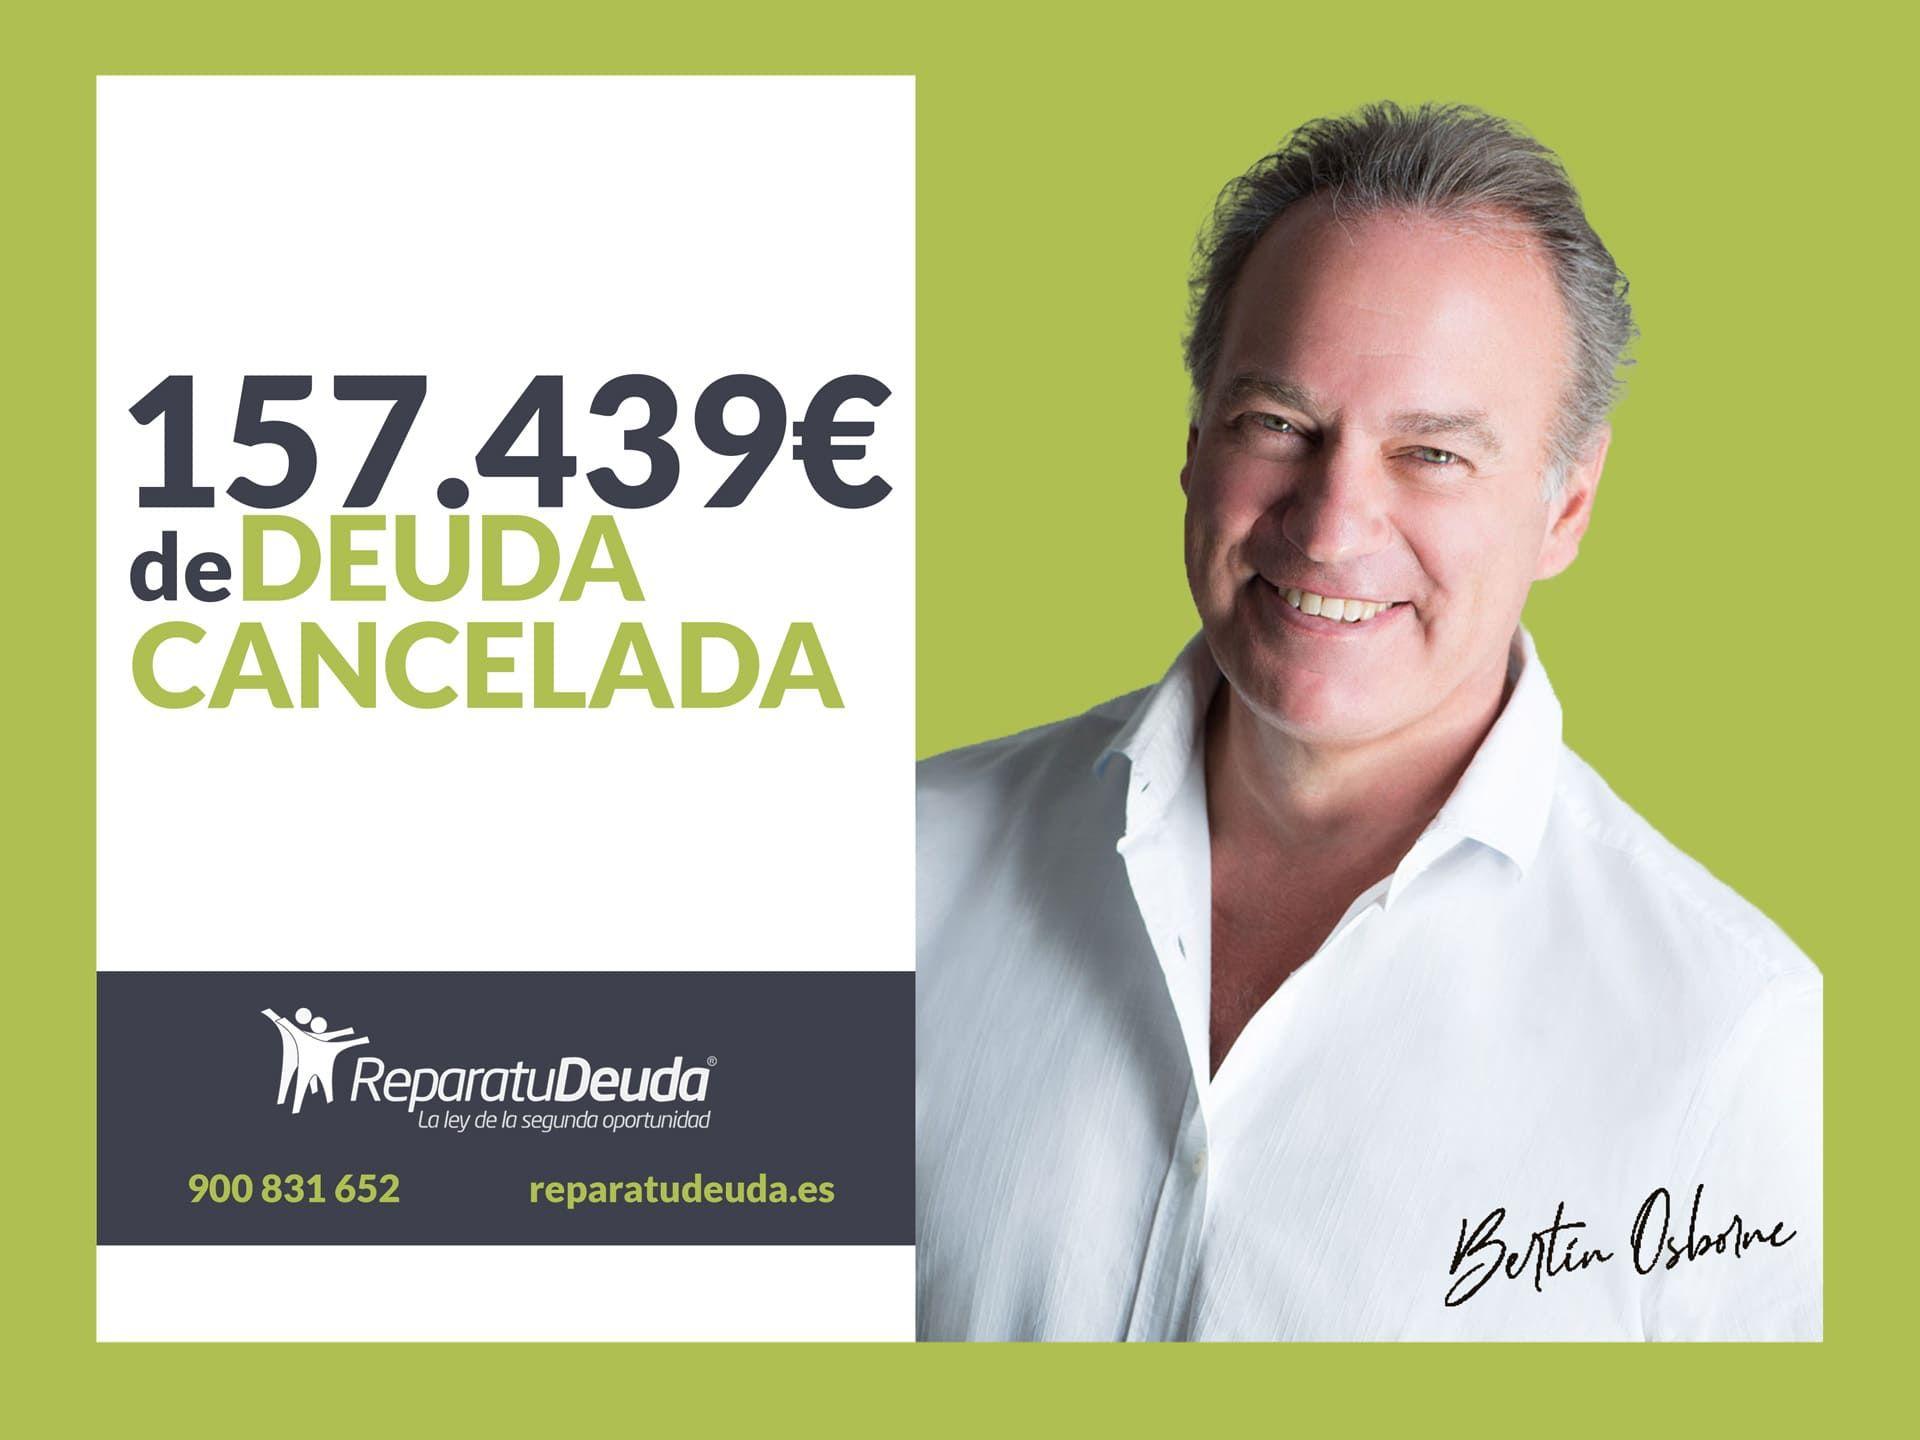 Repara tu Deuda cancela 157.439 ? en Santa Cruz de Tenerife (Canarias) con la Ley de Segunda Oportunidad